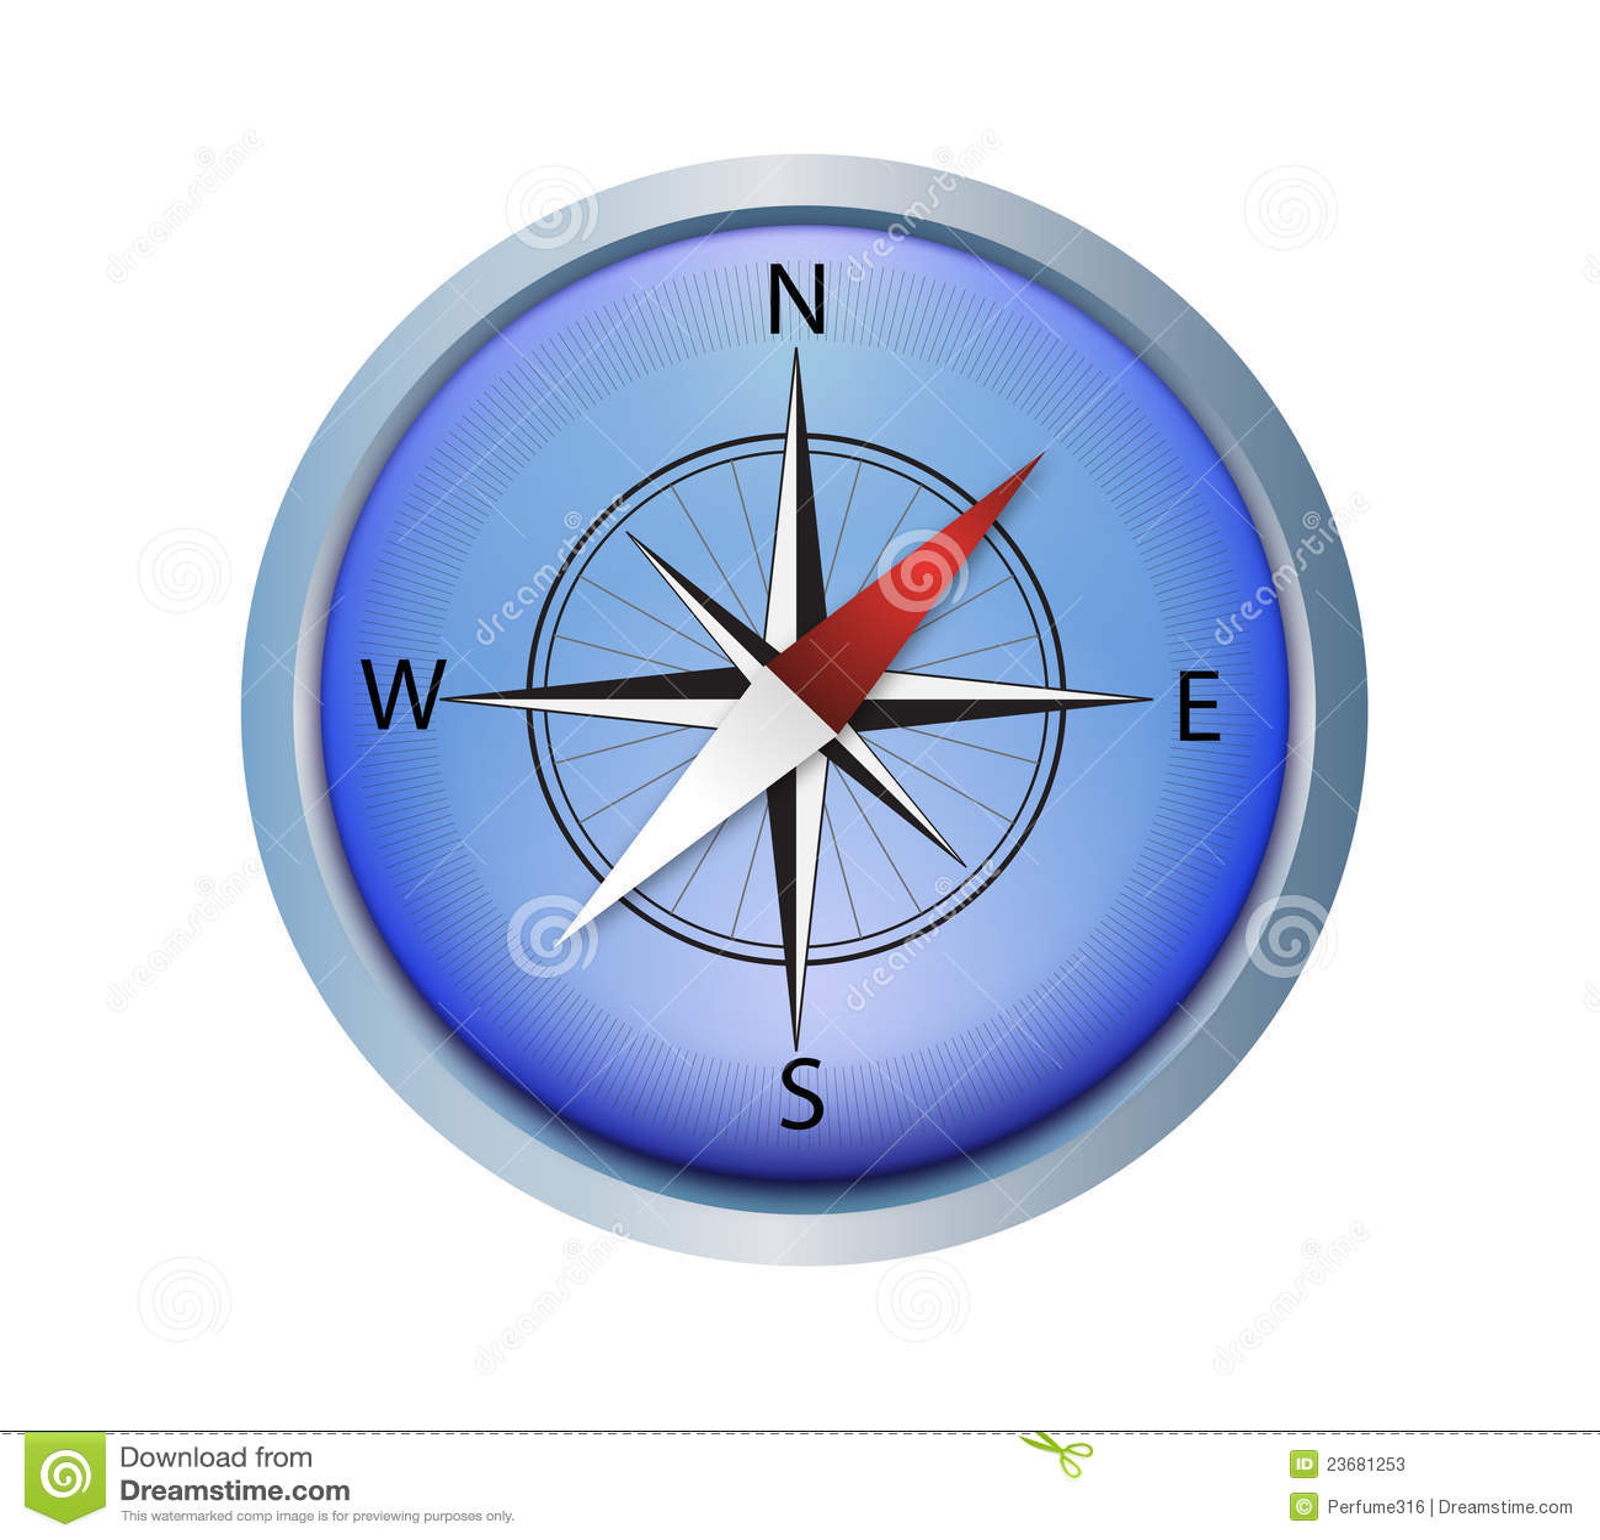 ВИДЕО : Как сделать компас своими руками - Лайфхакер 80